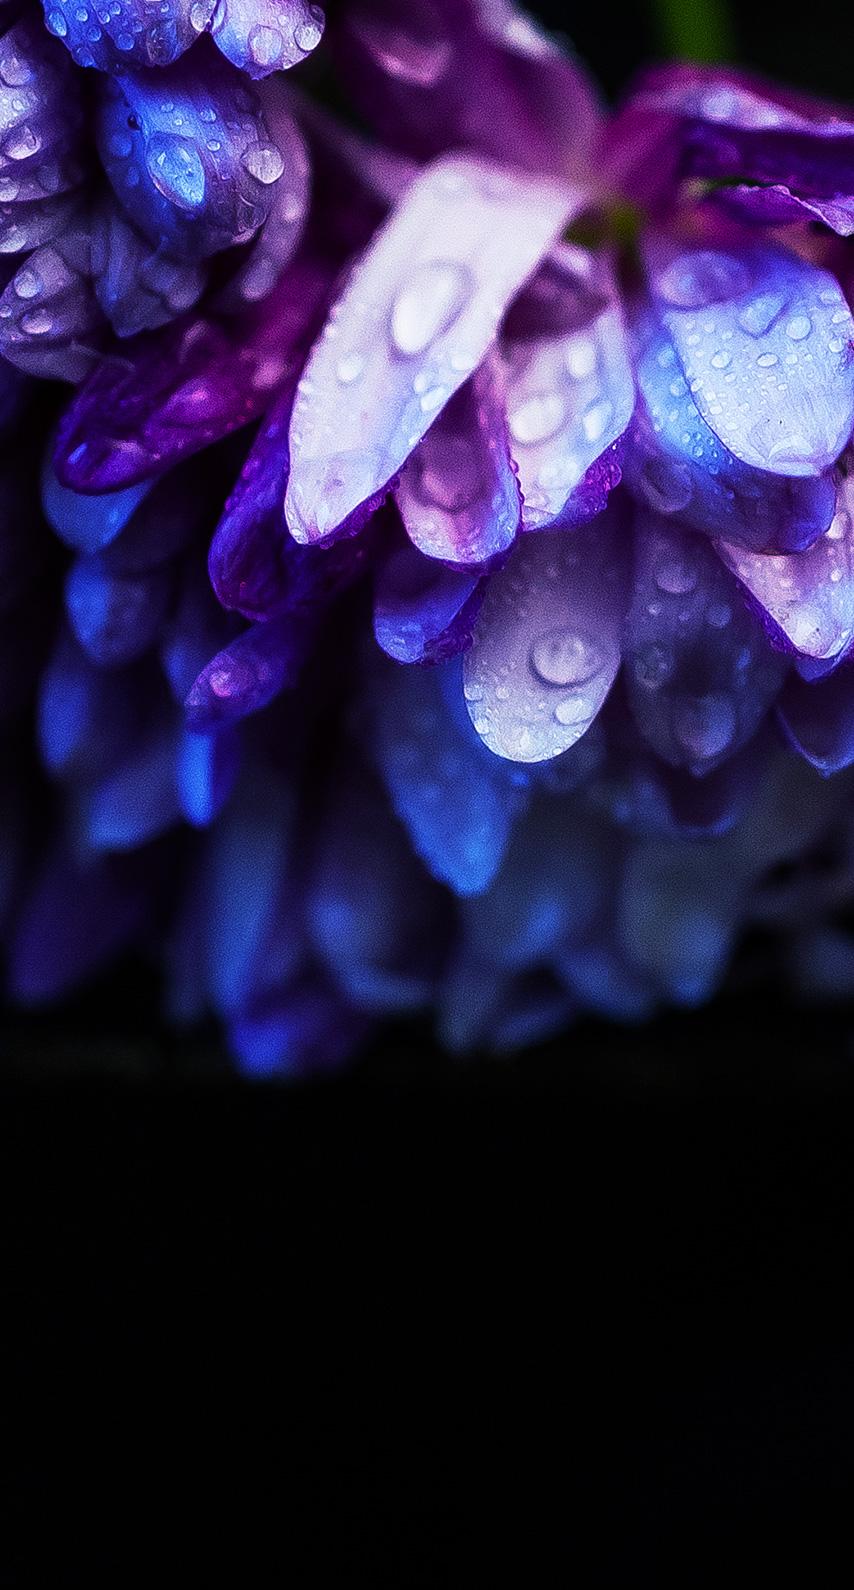 violet, nature